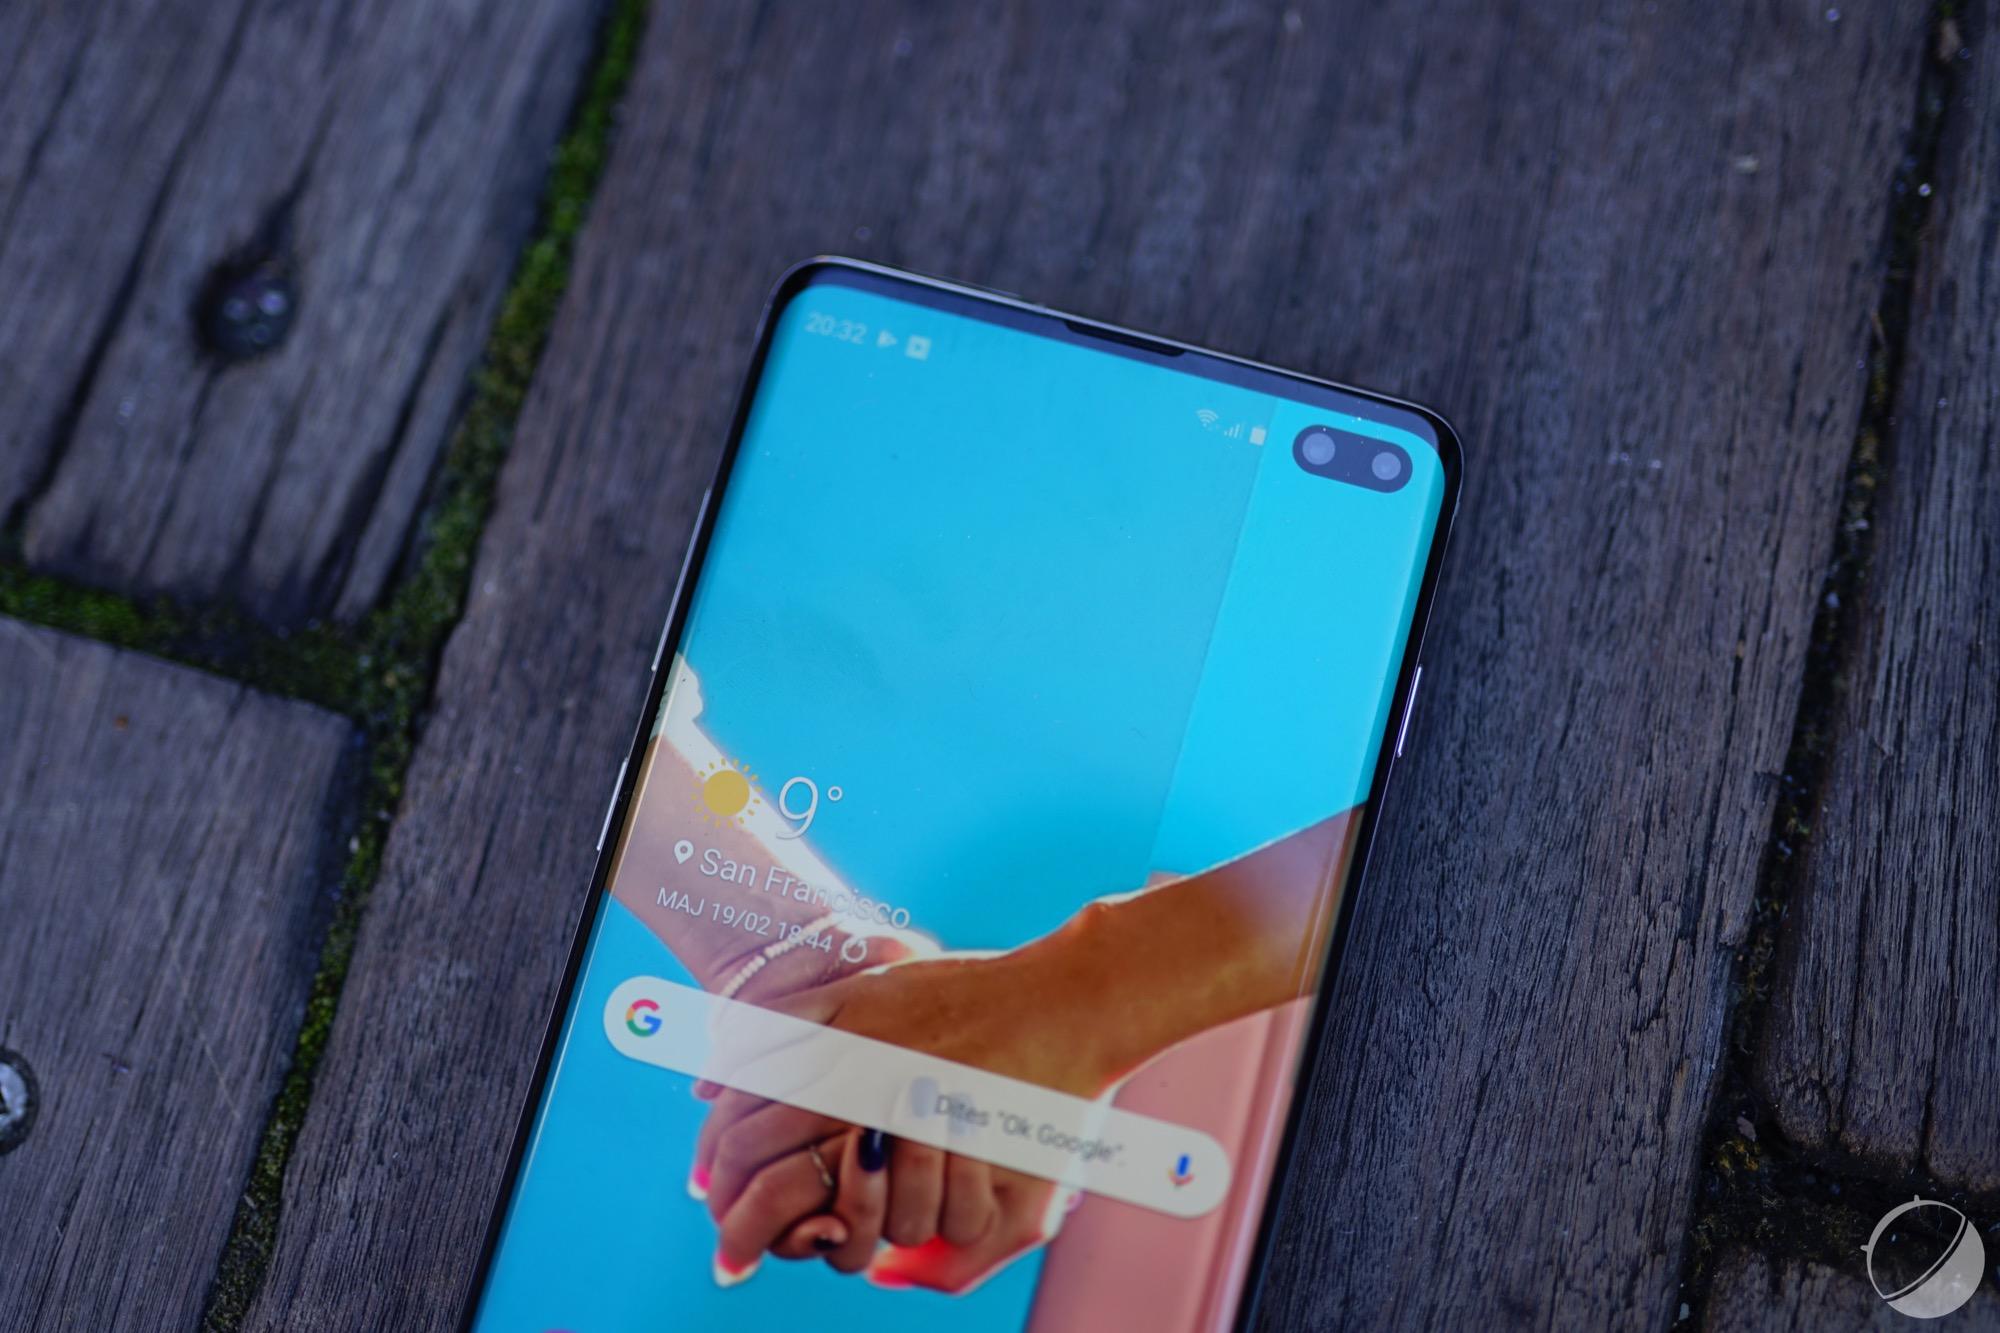 Le Galaxy S10 cache son trou, OnePlus 7 chez un revendeur et smartphone pliable Motorola – Tech'spresso